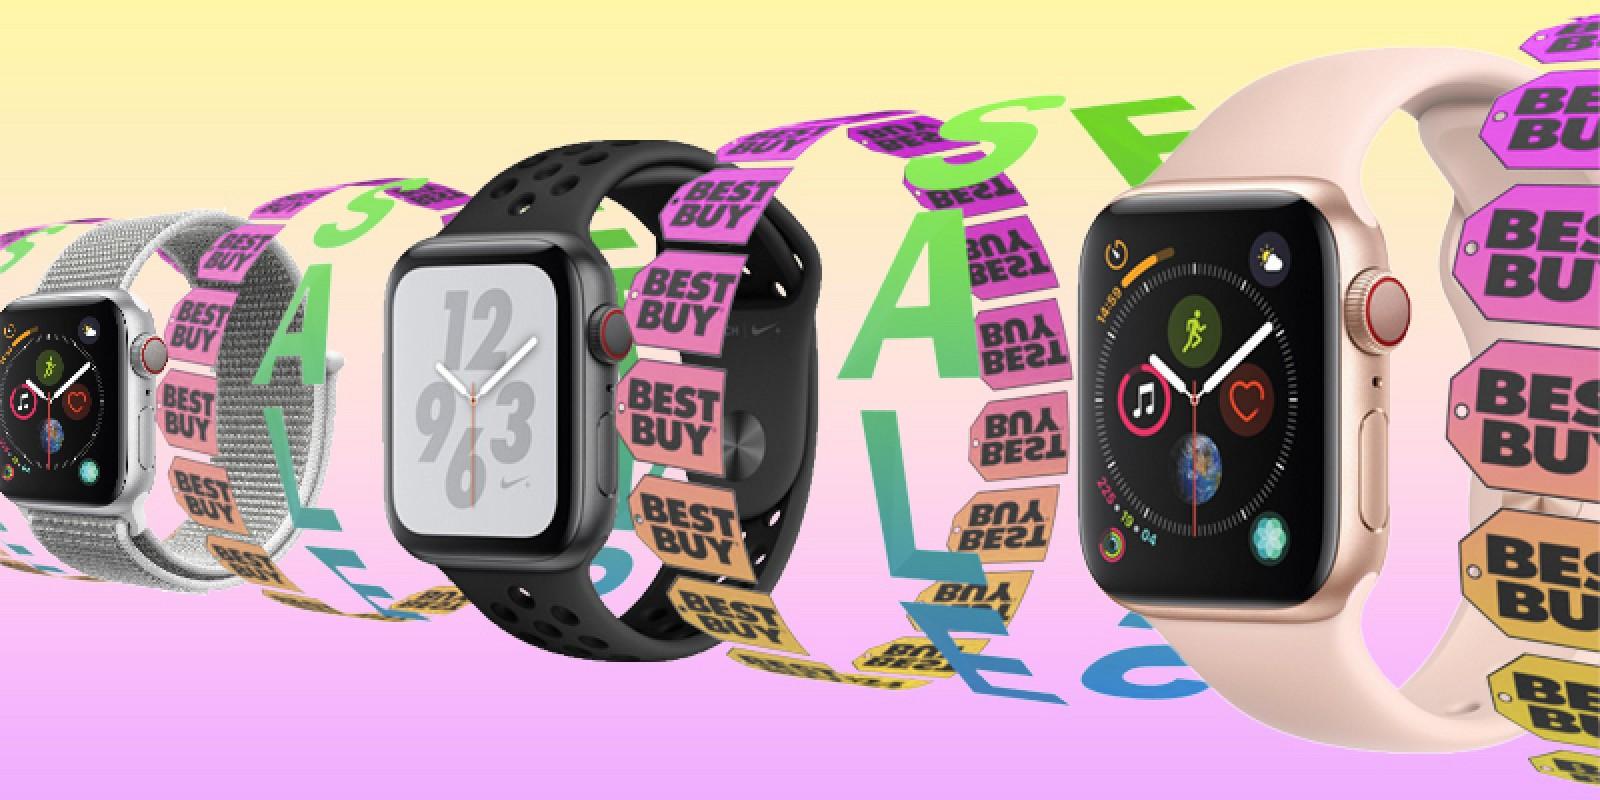 Ofertas destacadas: Best Buy lanza una venta enorme con descuentos de Apple Watch Series 3 ($ 80 de descuento) y Series 4 ($ 50 de descuento)